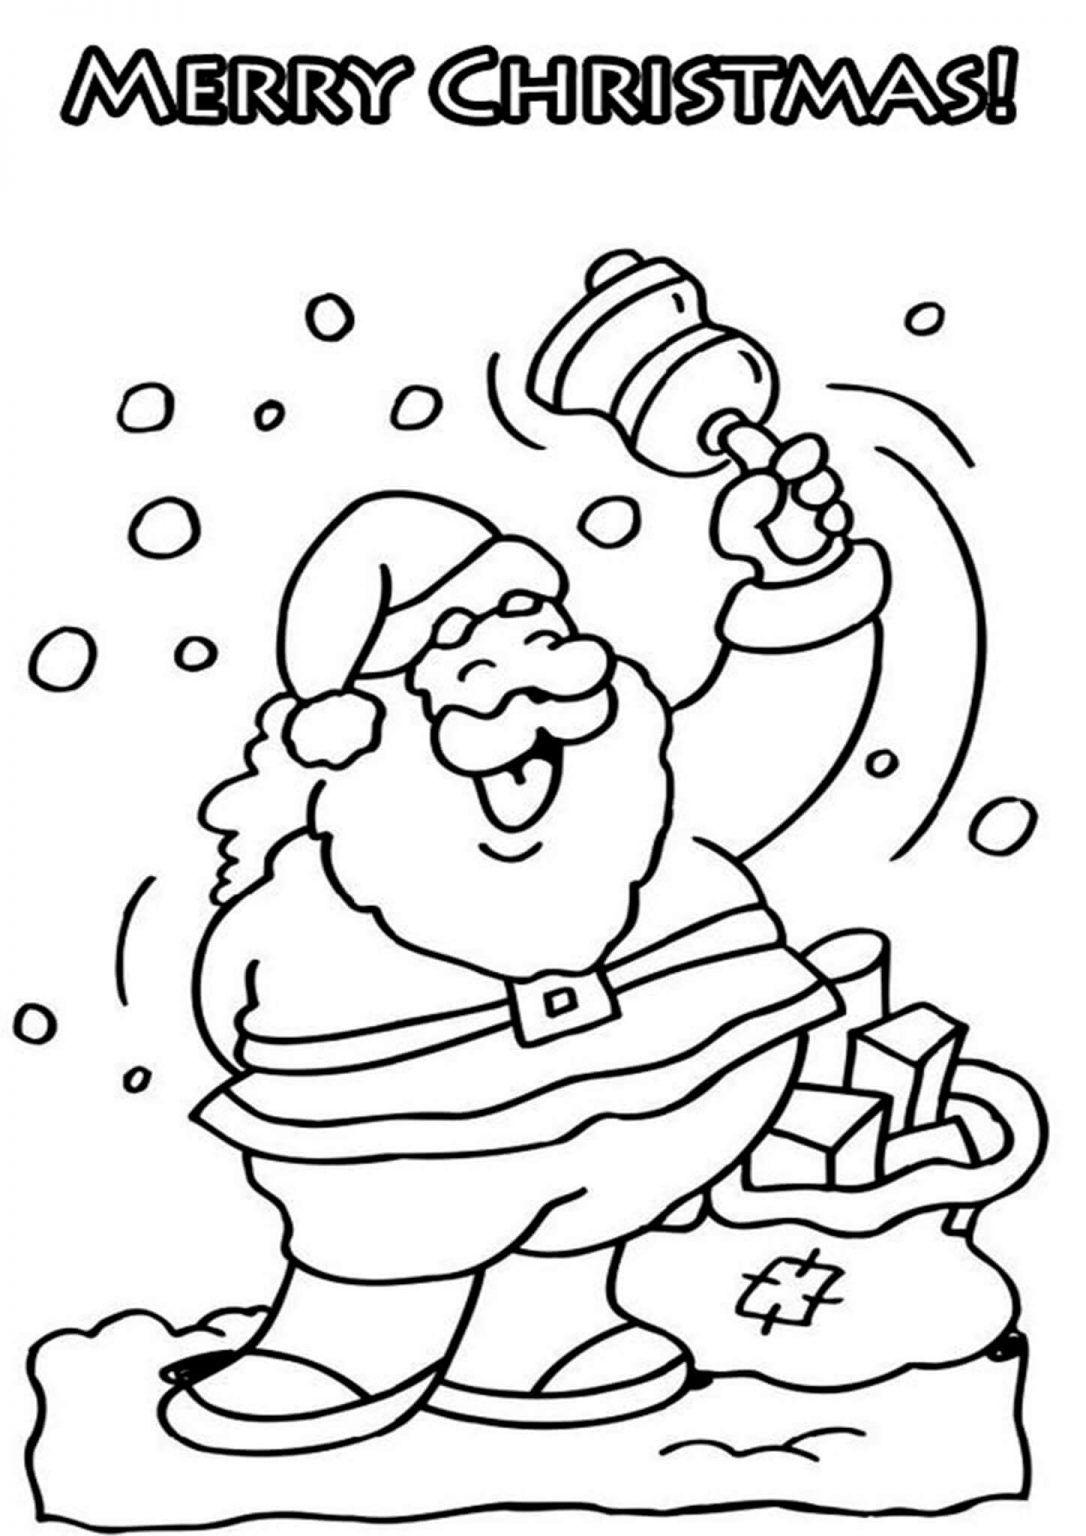 Free Printable Santa Coloring Pages For Kids Kleurplaten Kerstman Kerstmis